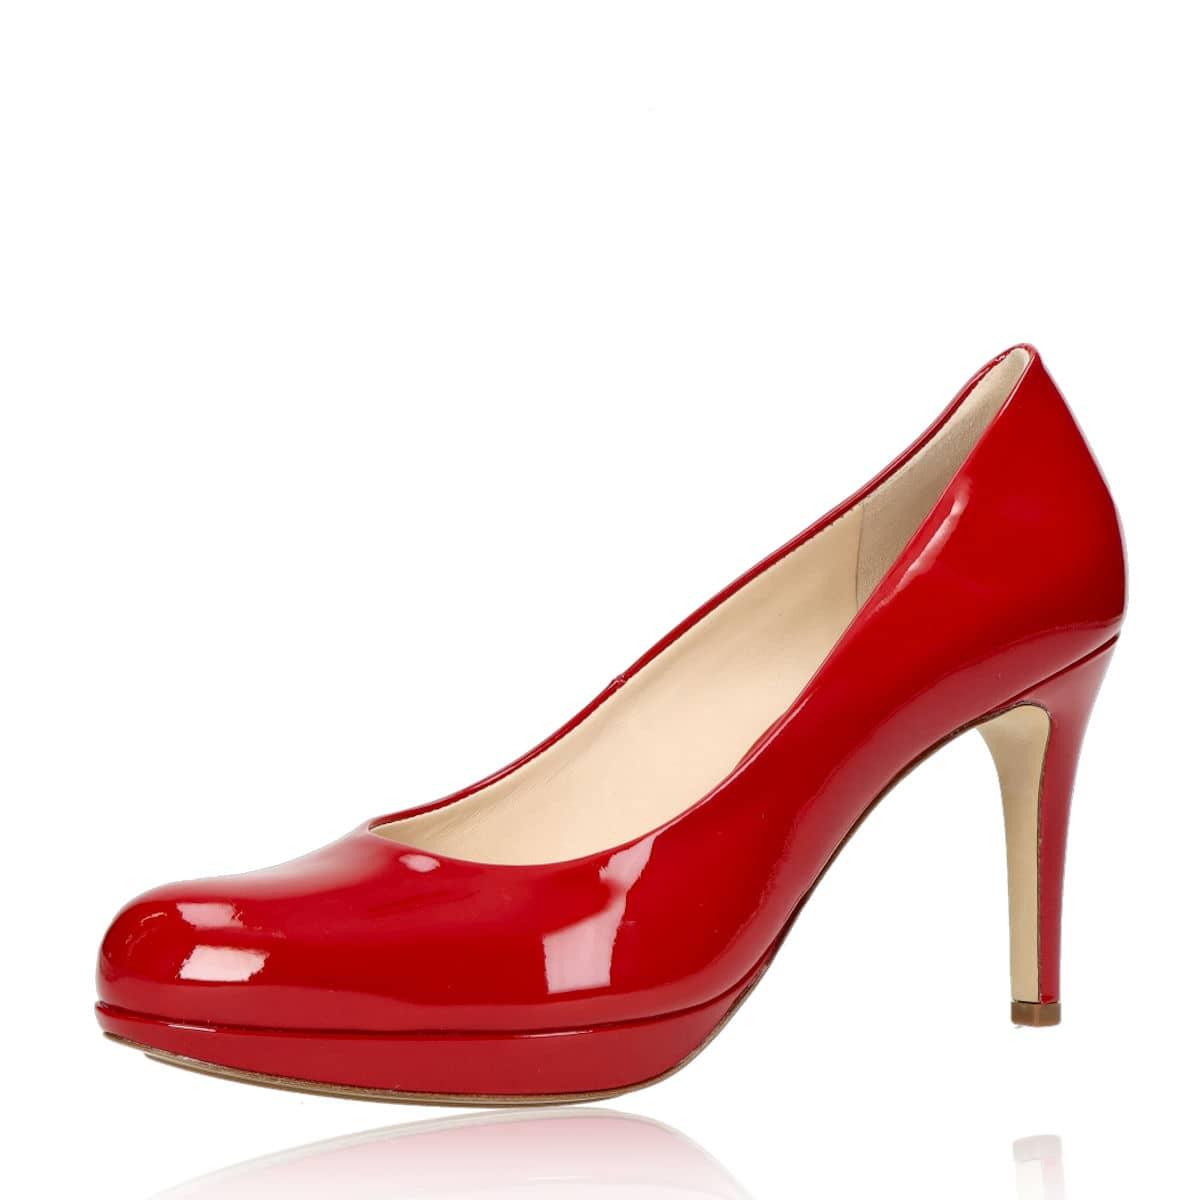 8e11d8c2f1a Högl dámské lodičky - červené Högl dámské lodičky - červené ...